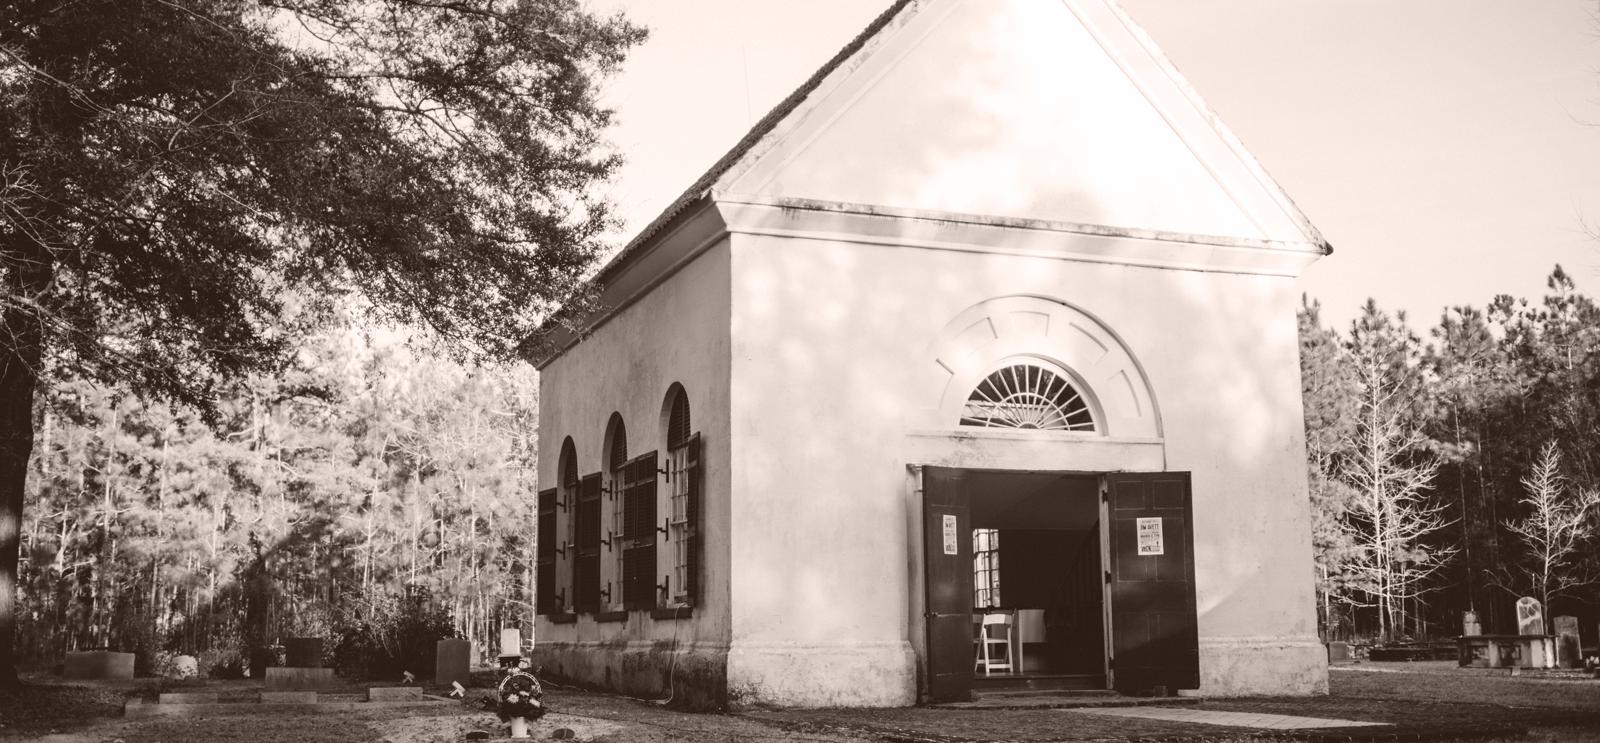 The Old Brick Church : Cainhoy